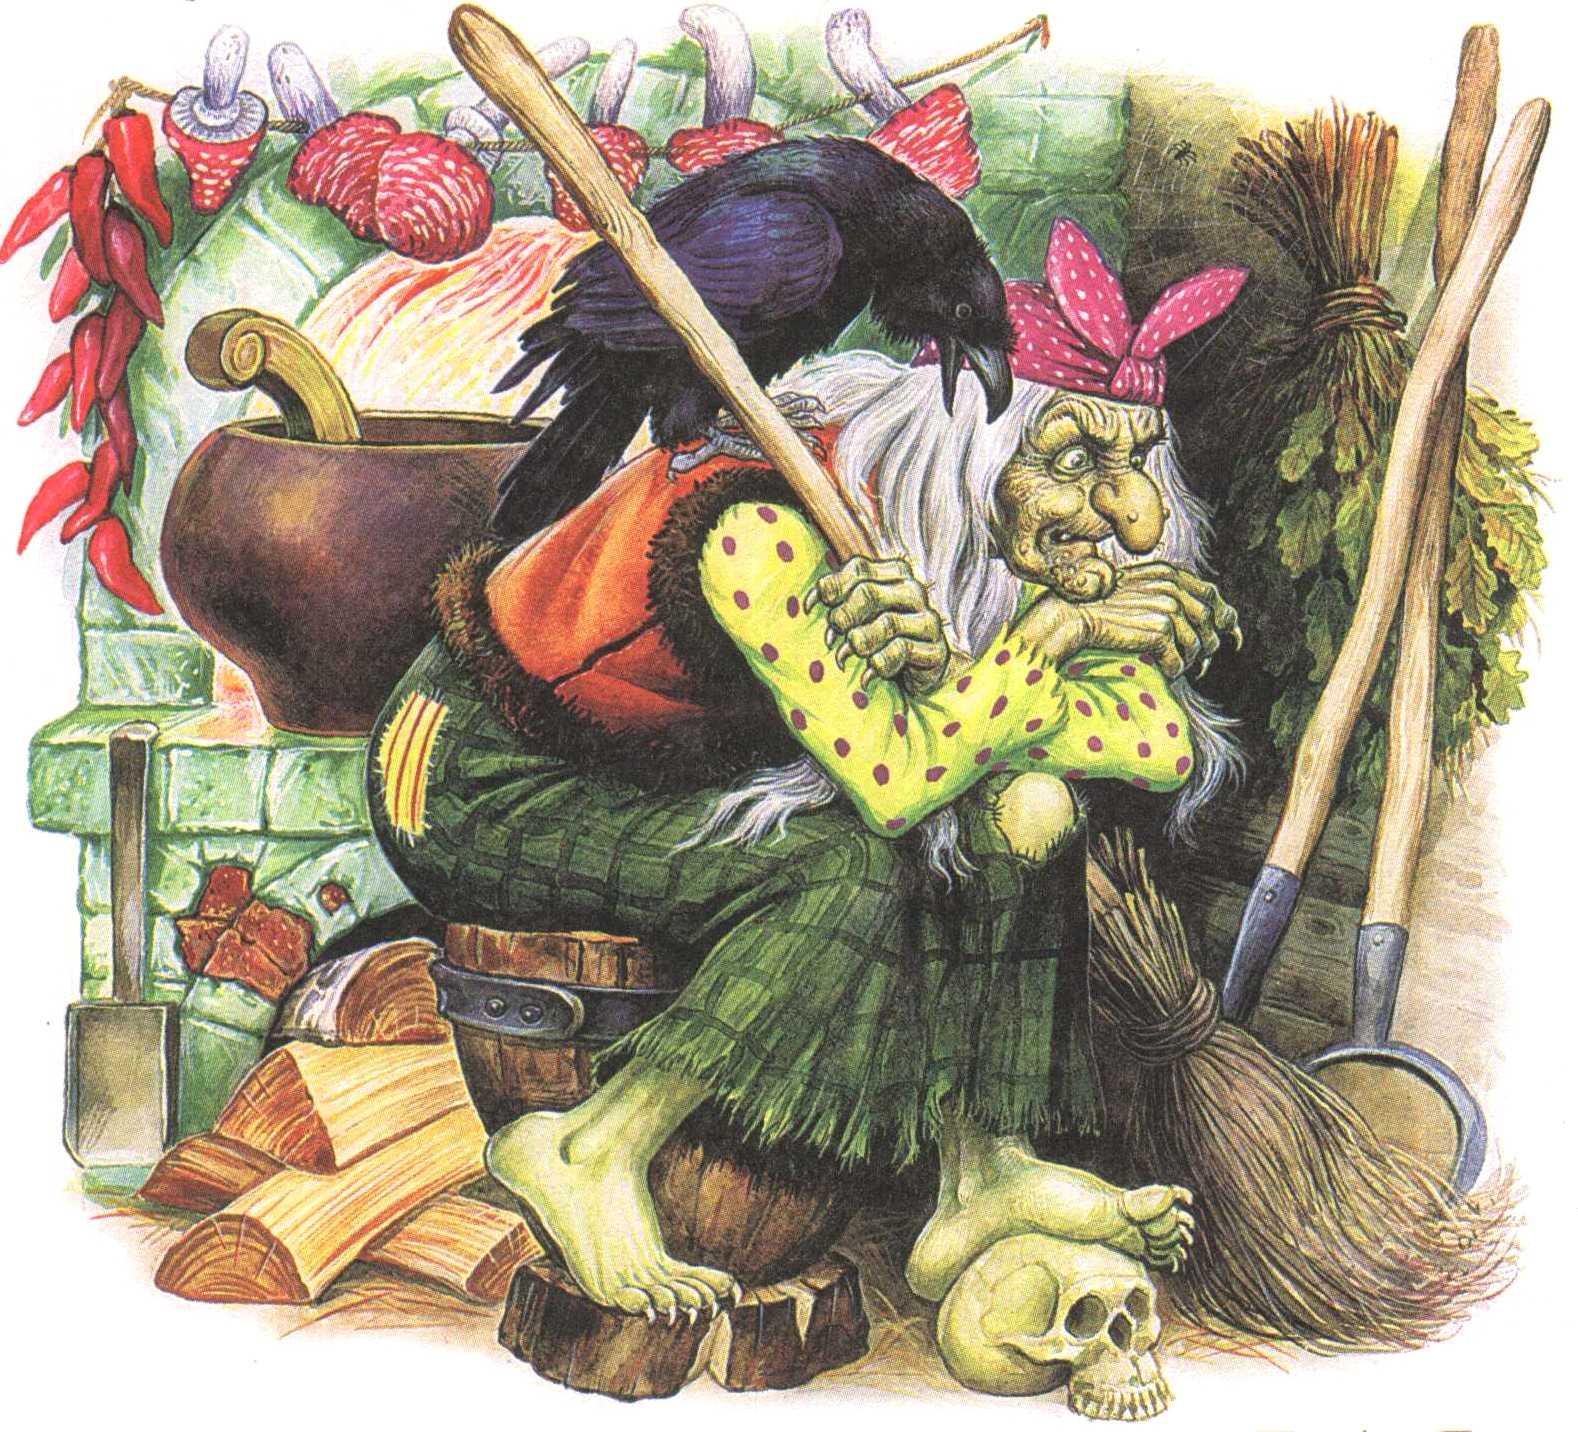 Картинки с бабой ягой из сказок, картинках про животных